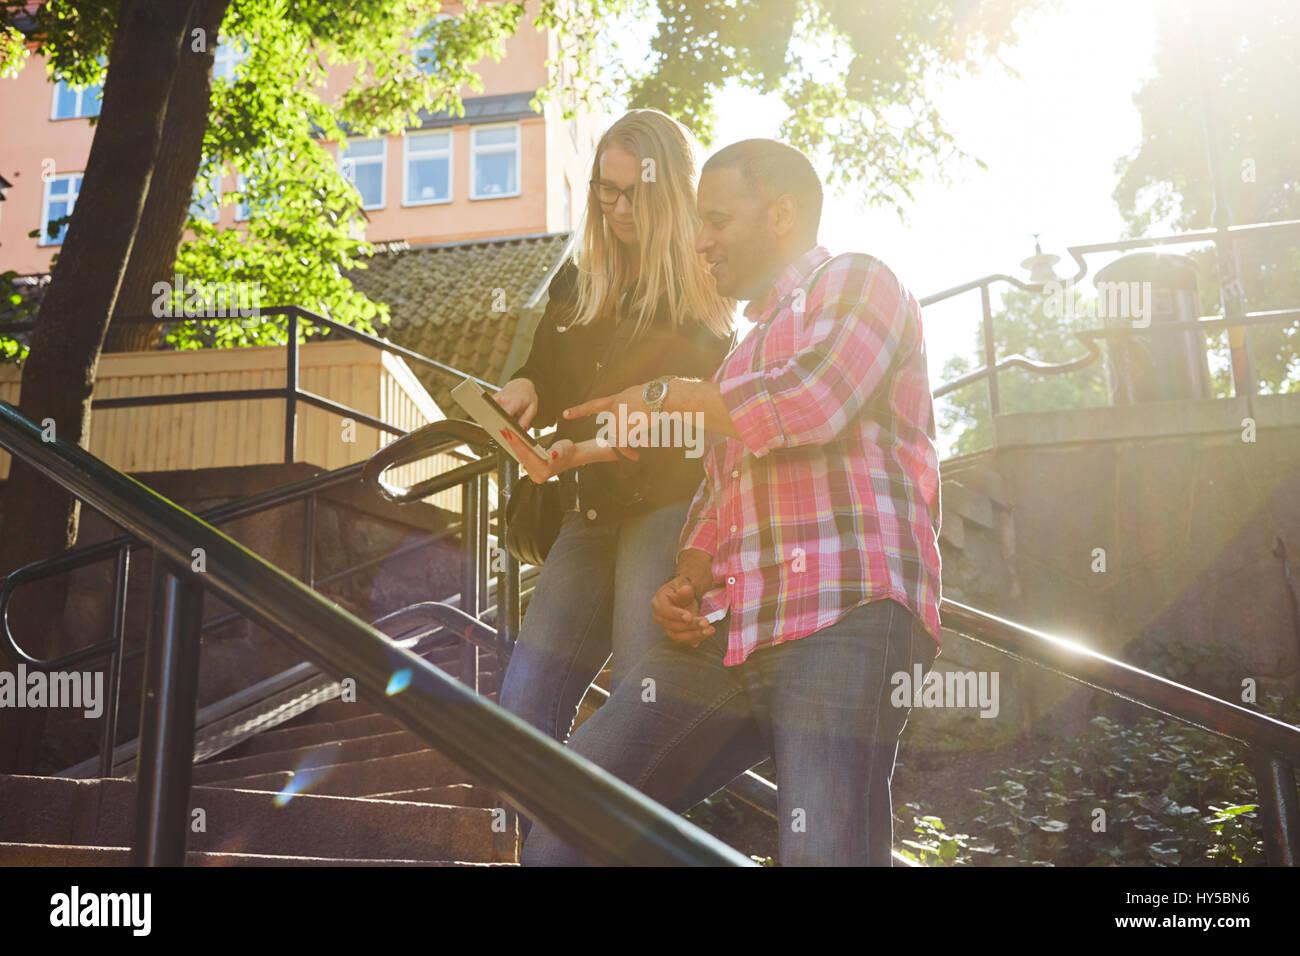 La Svezia, l uomo e la donna in piedi a fianco a fianco guardando digitale compressa in presenza di luce solare Immagini Stock